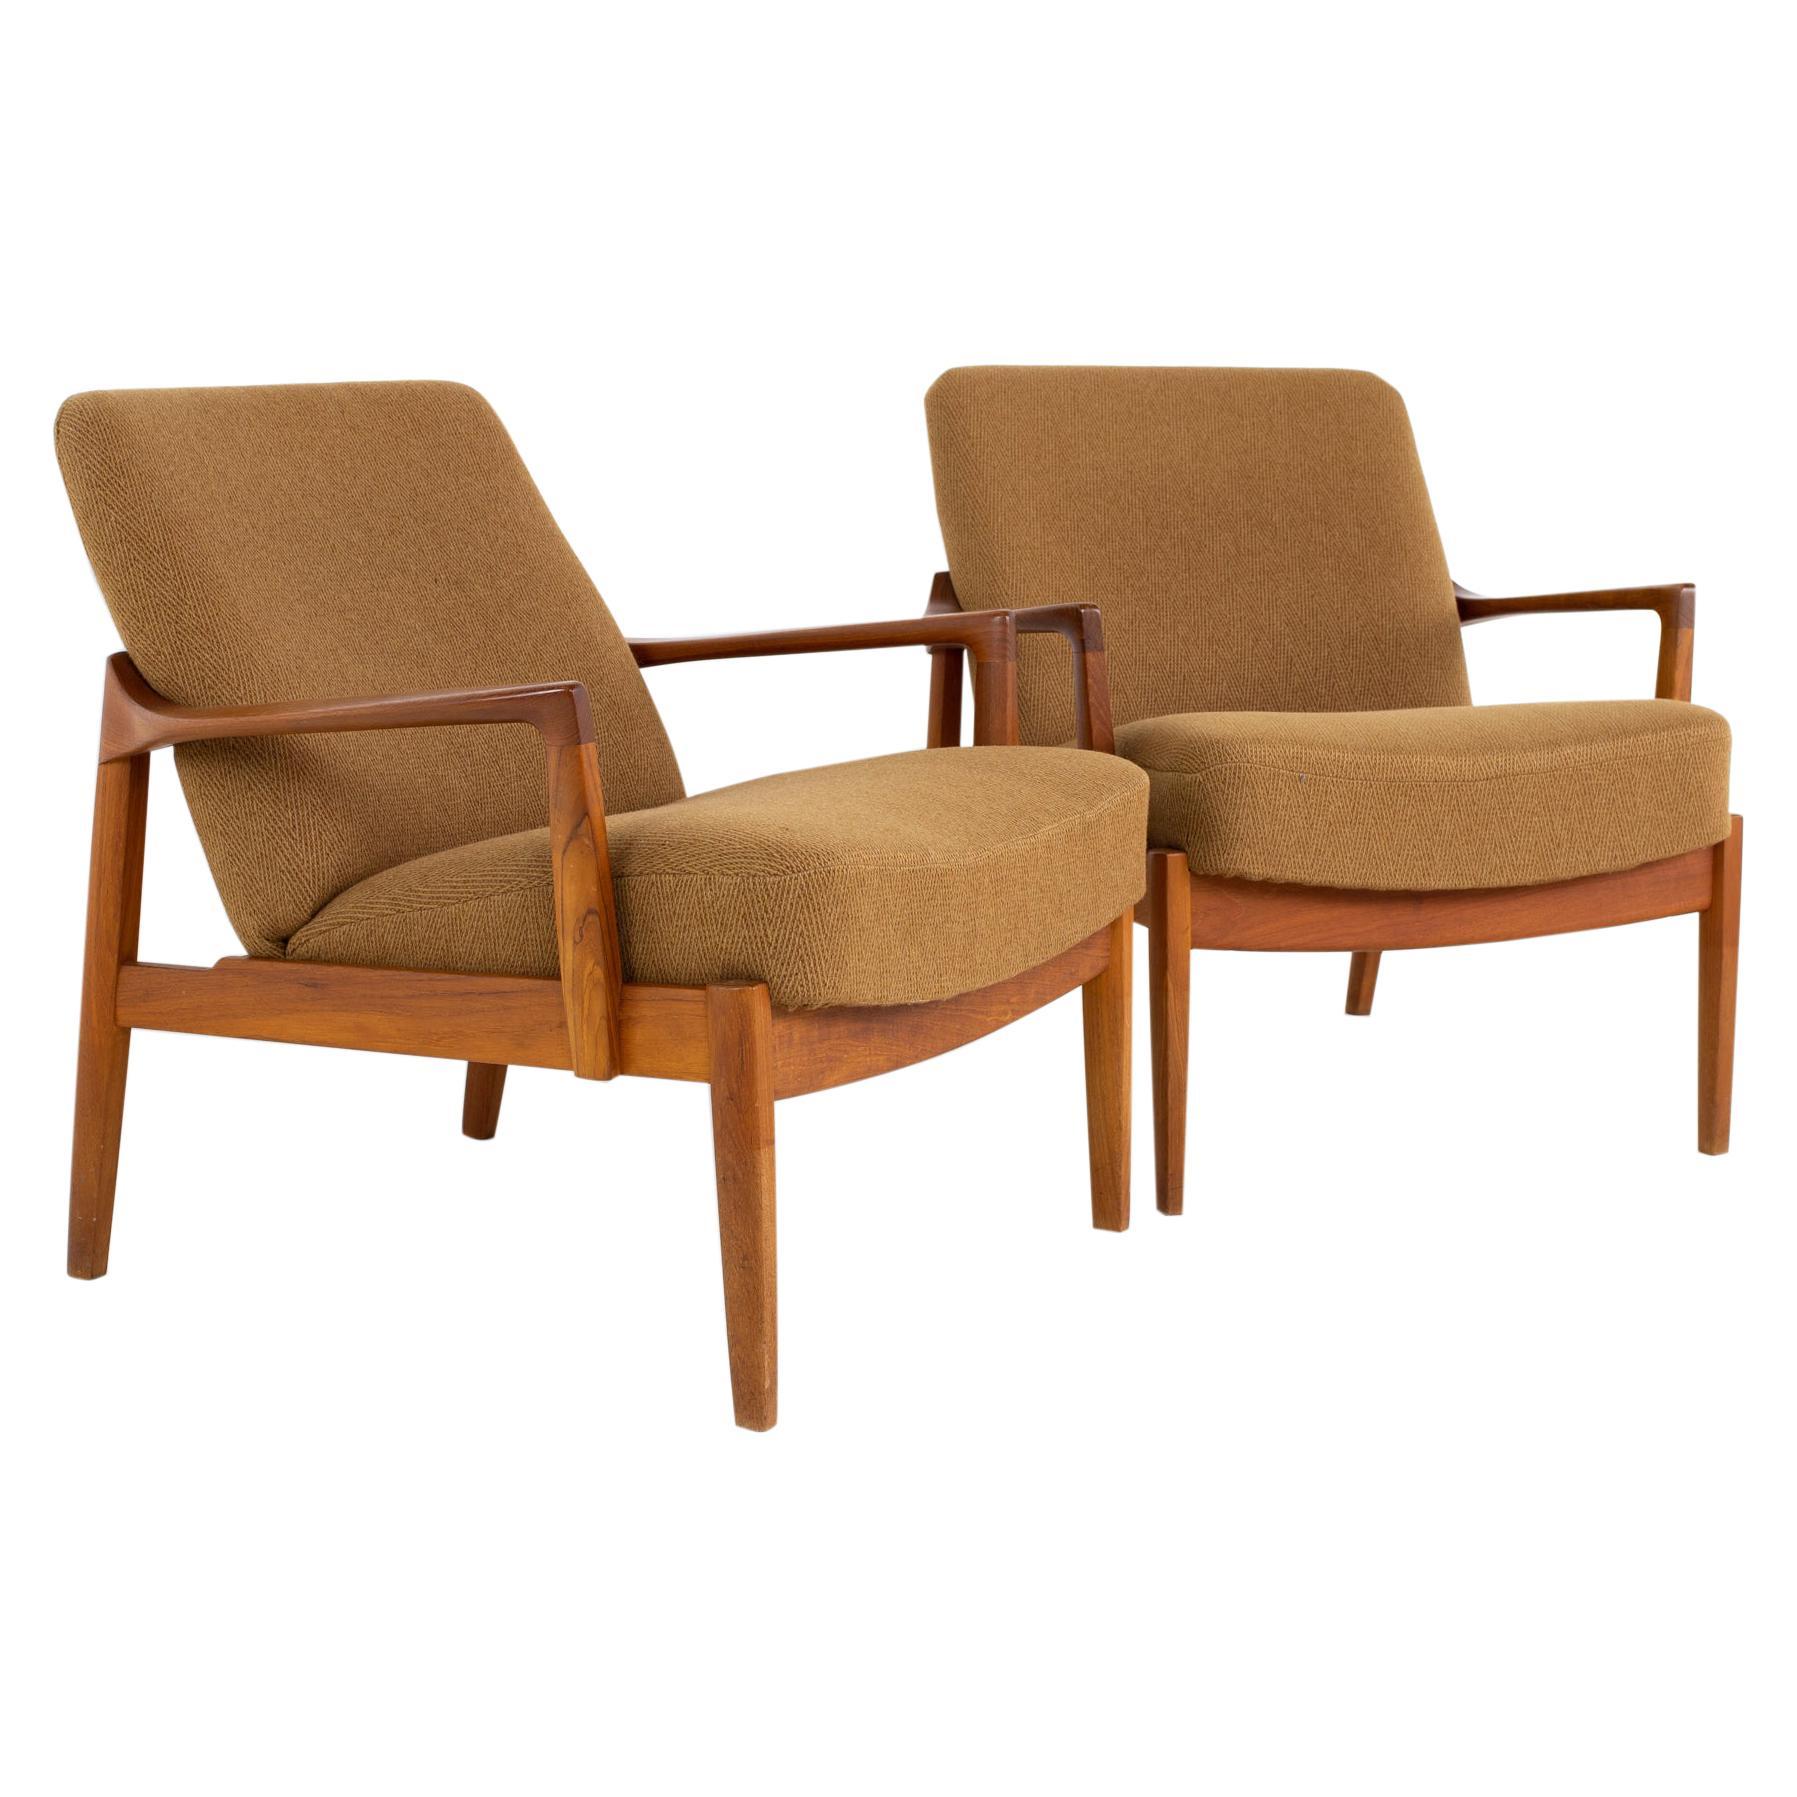 Tove Edvard Kindt-Larsen for John Stuart France MCM Danish Teak Lounge Chairs